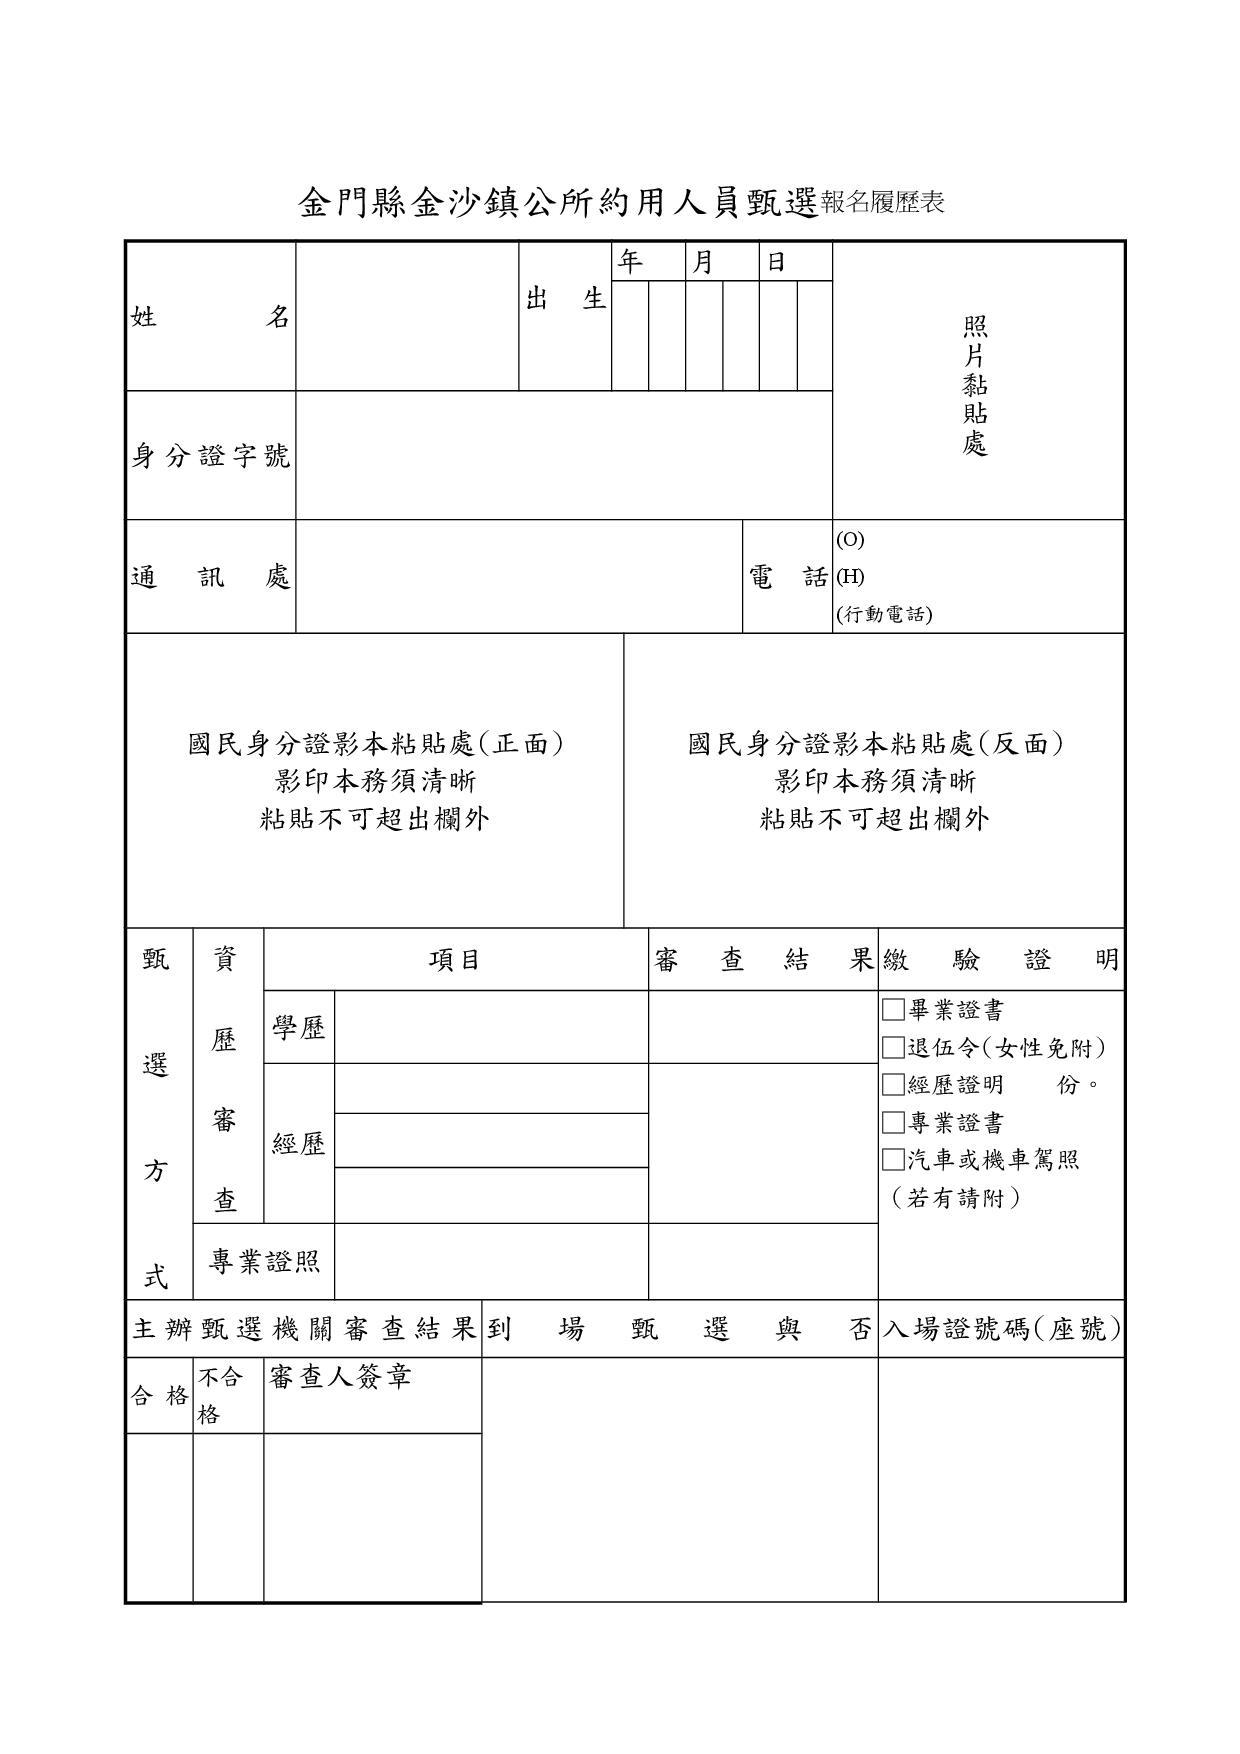 農觀課工管費約用人員甄選報名表